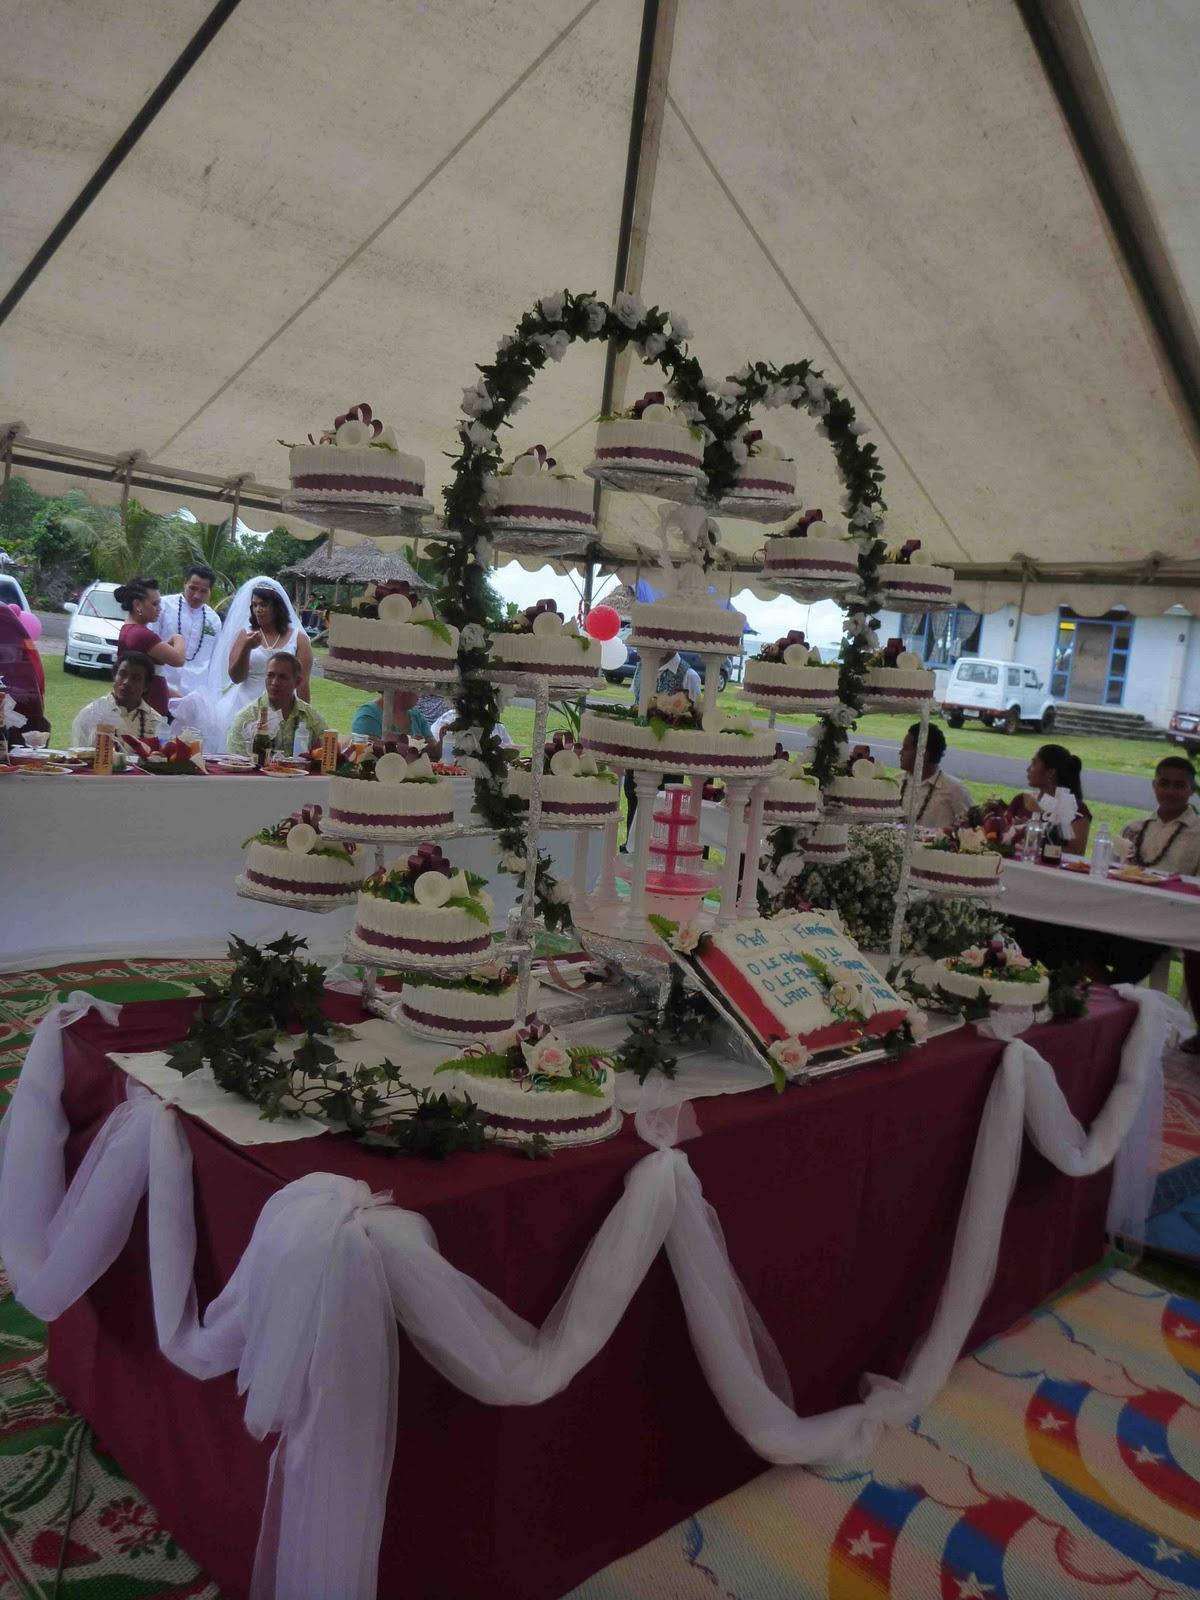 My Samoan Life Samoan Weddings And Christmas Eve